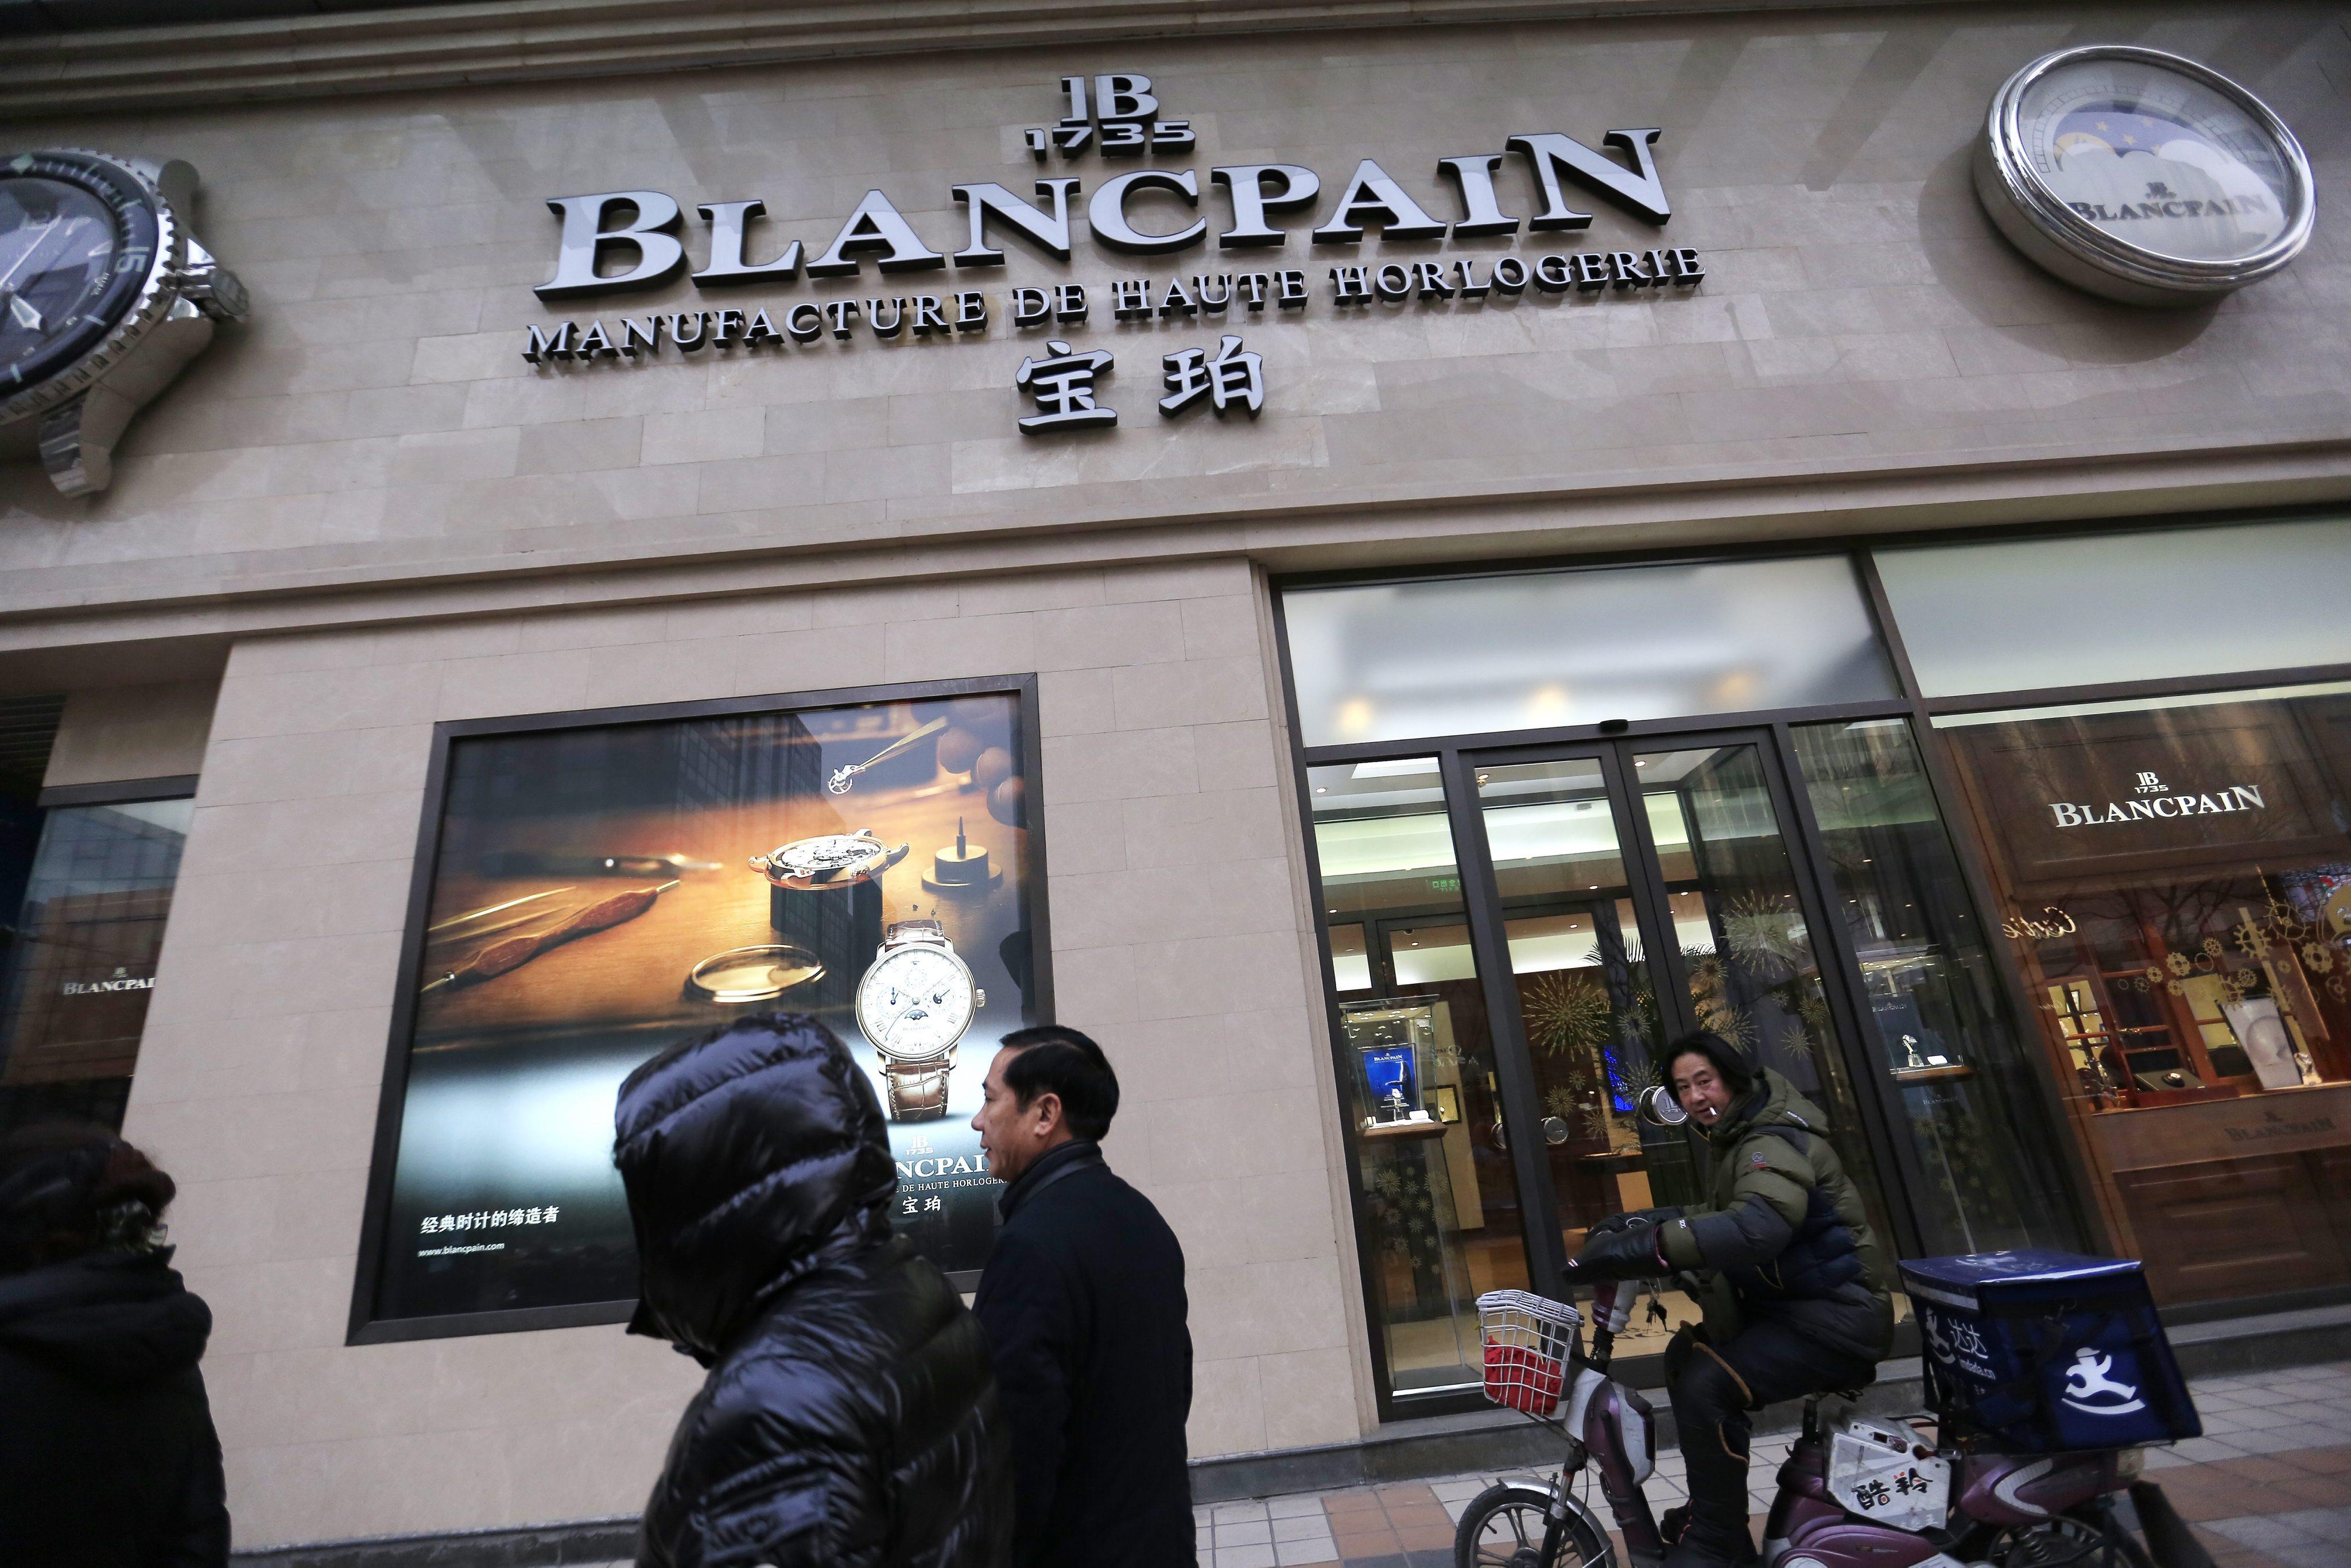 Blancpain store in Beijing